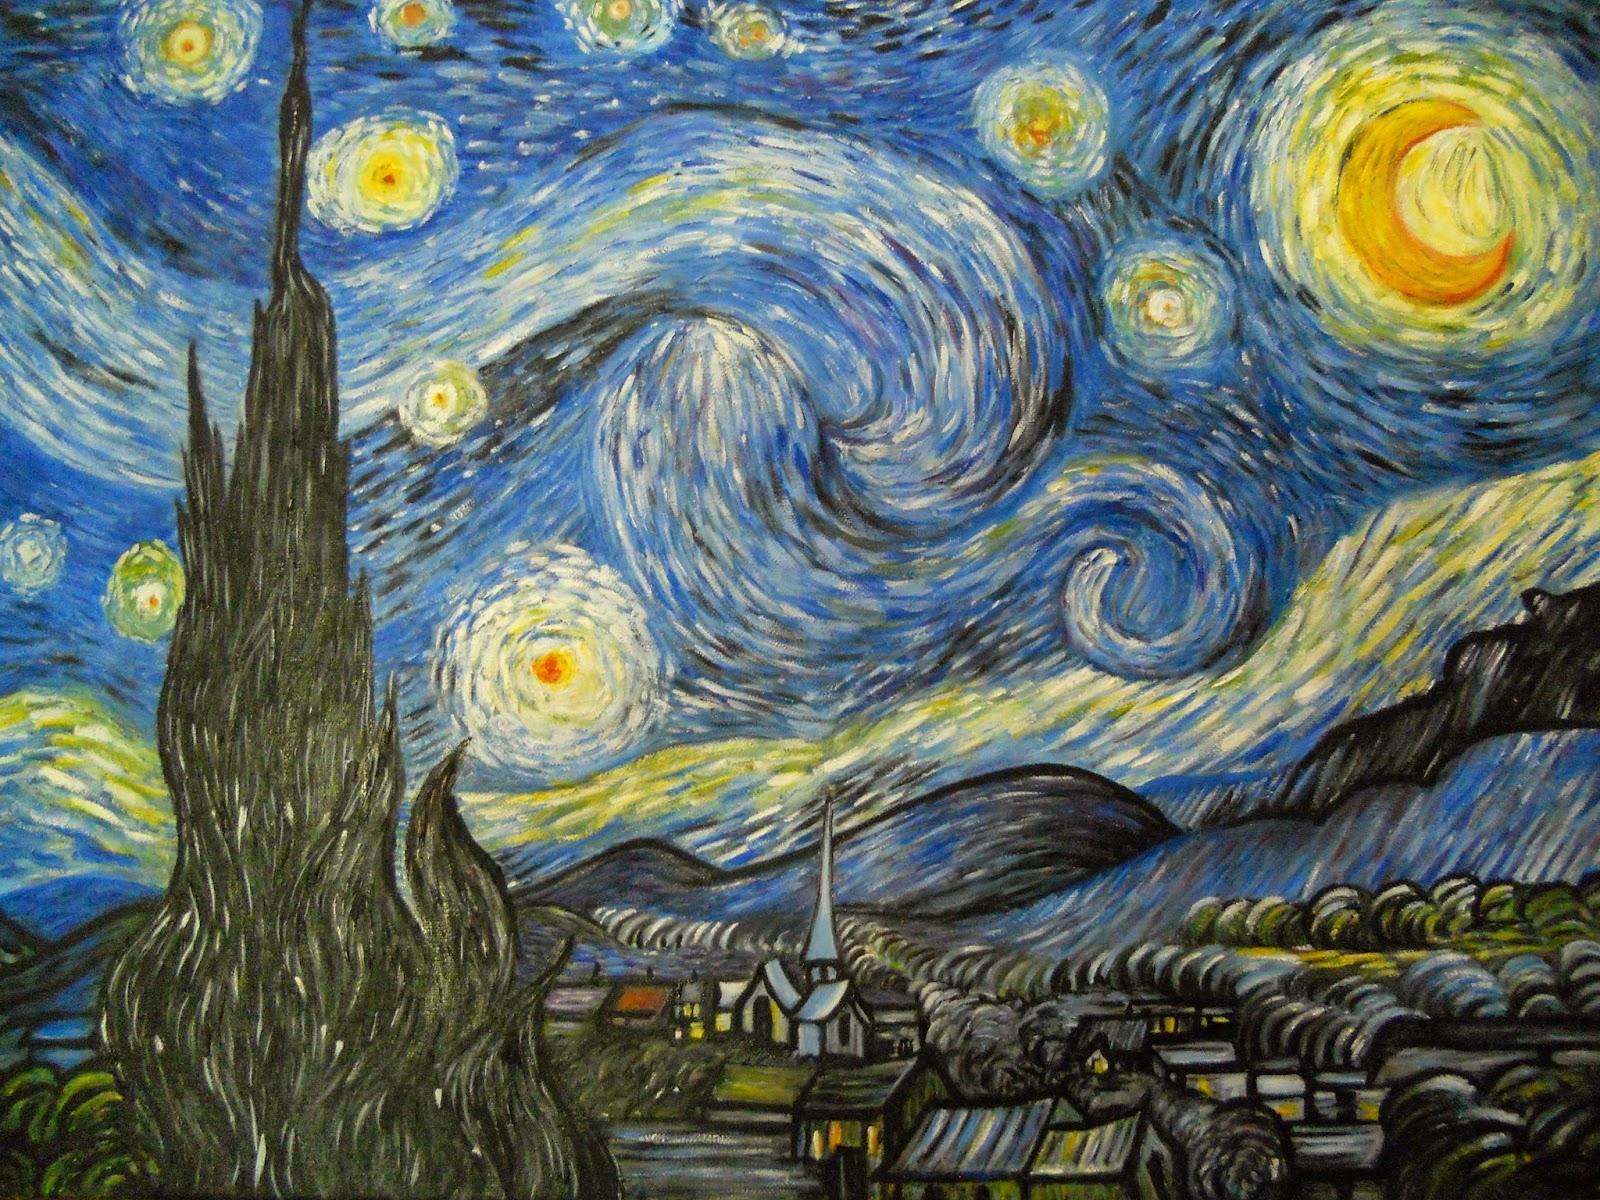 Han l style blog borse e accessori dipinti a mano notte for Dipinto di van gogh notte stellata